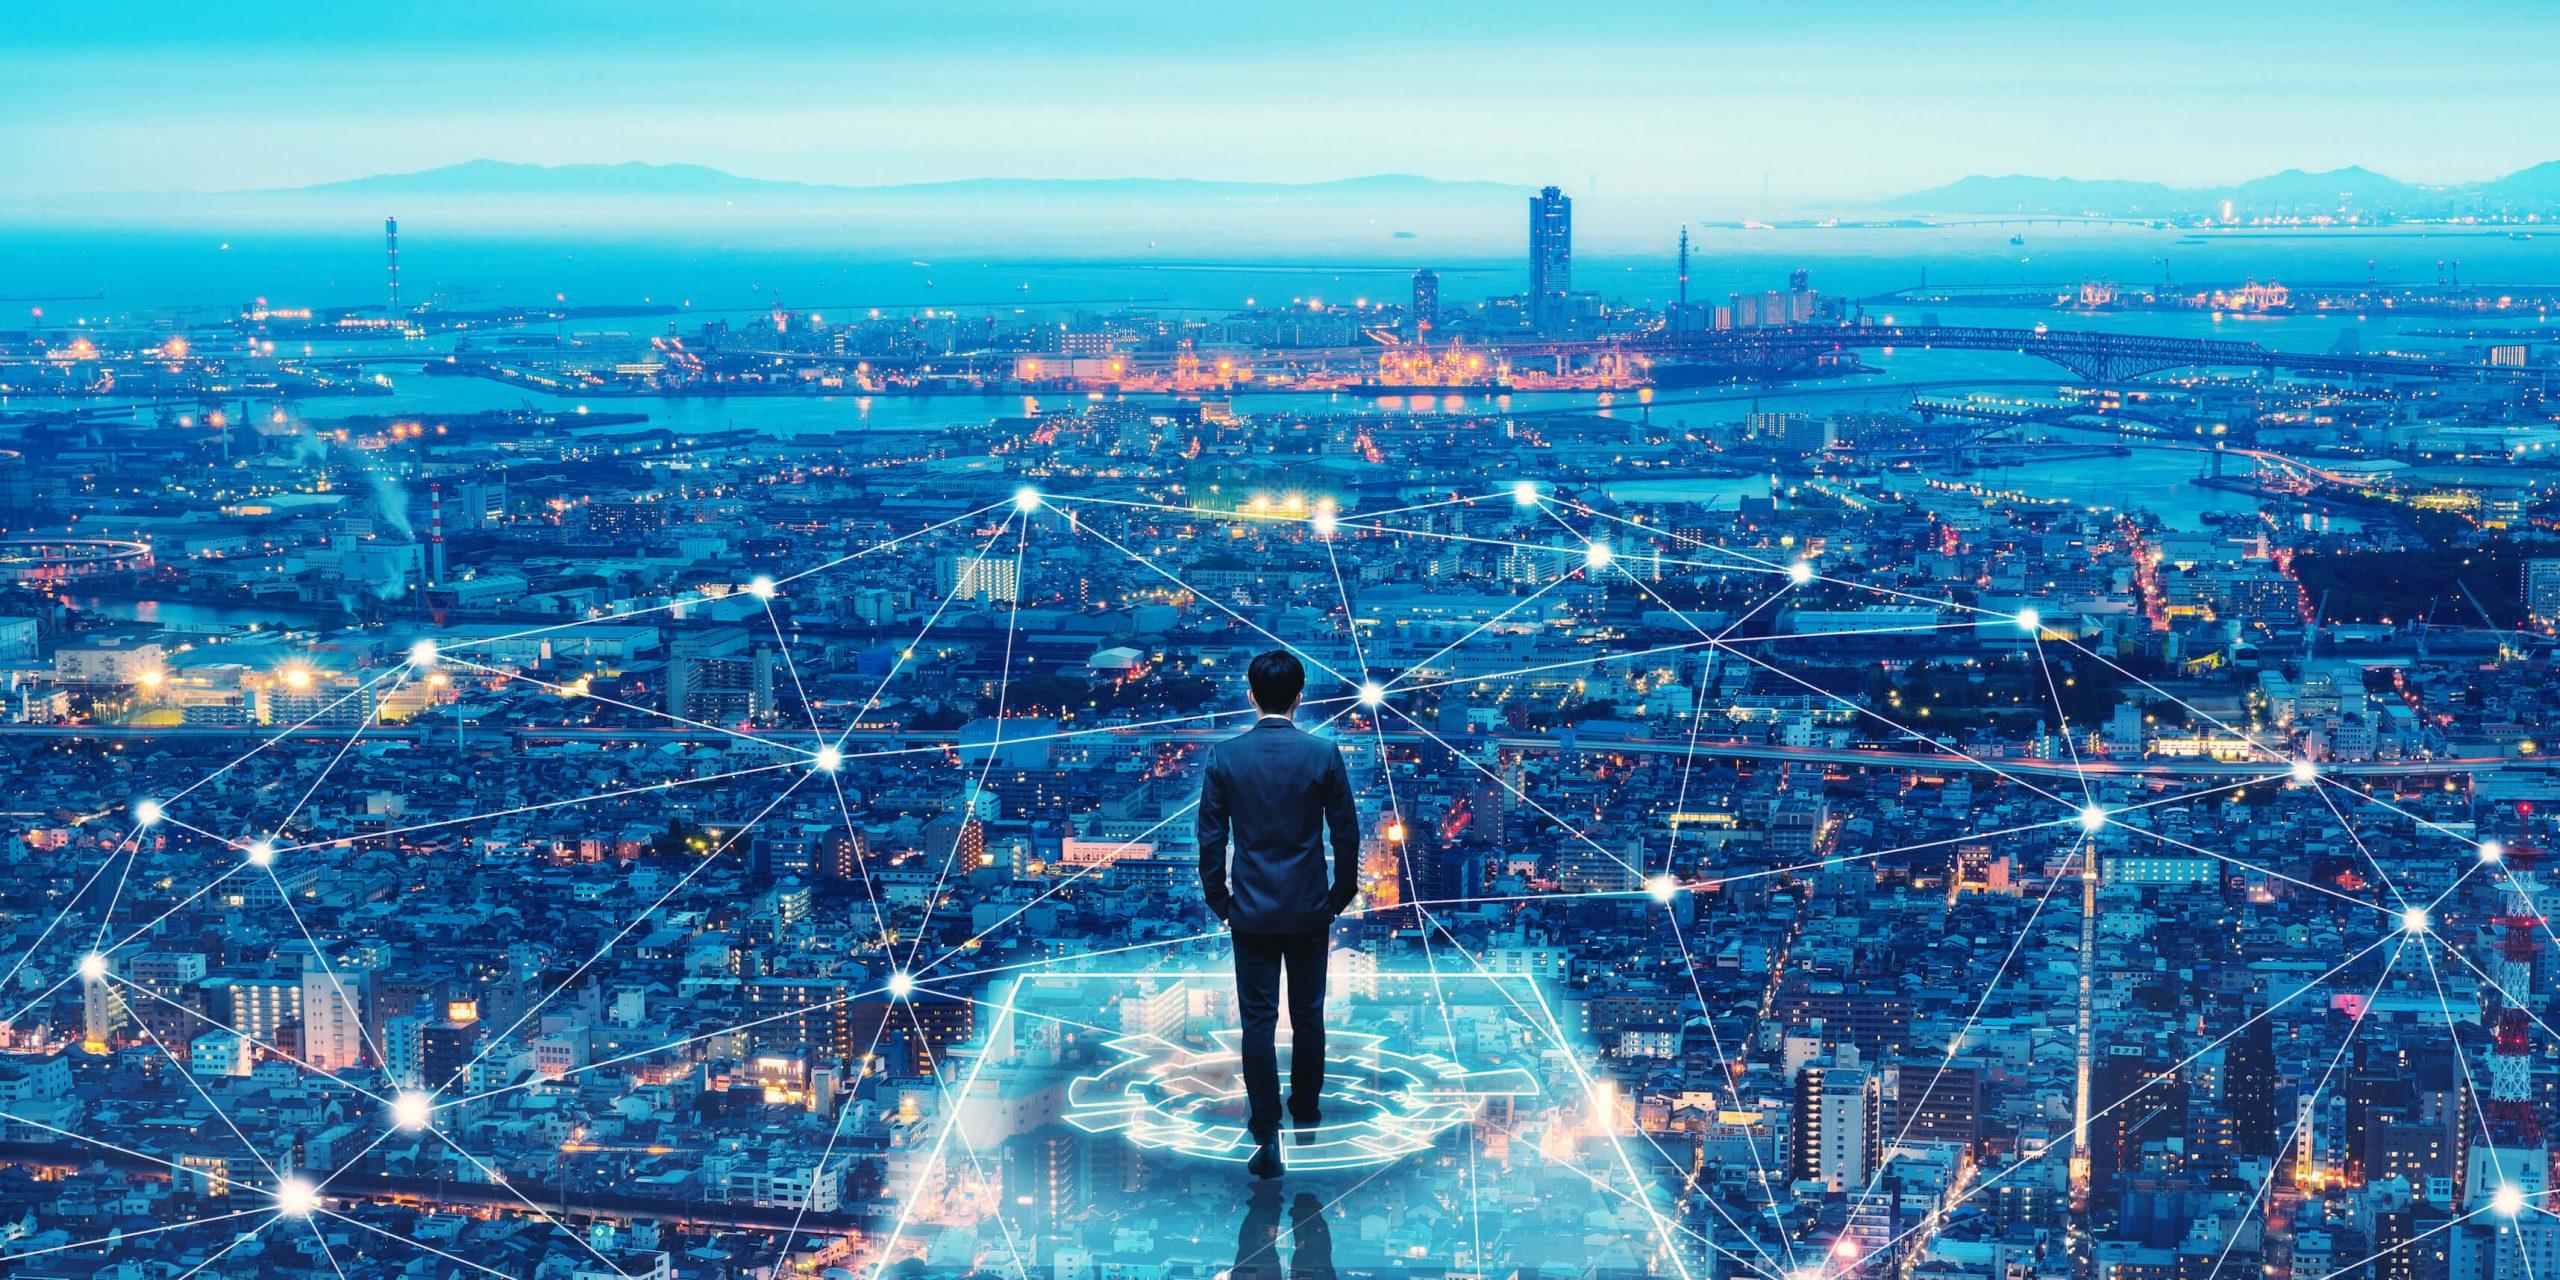 Bwebauto rejoint 360.Agency !_De nouvelles solutions pour une meilleure croissance numérique